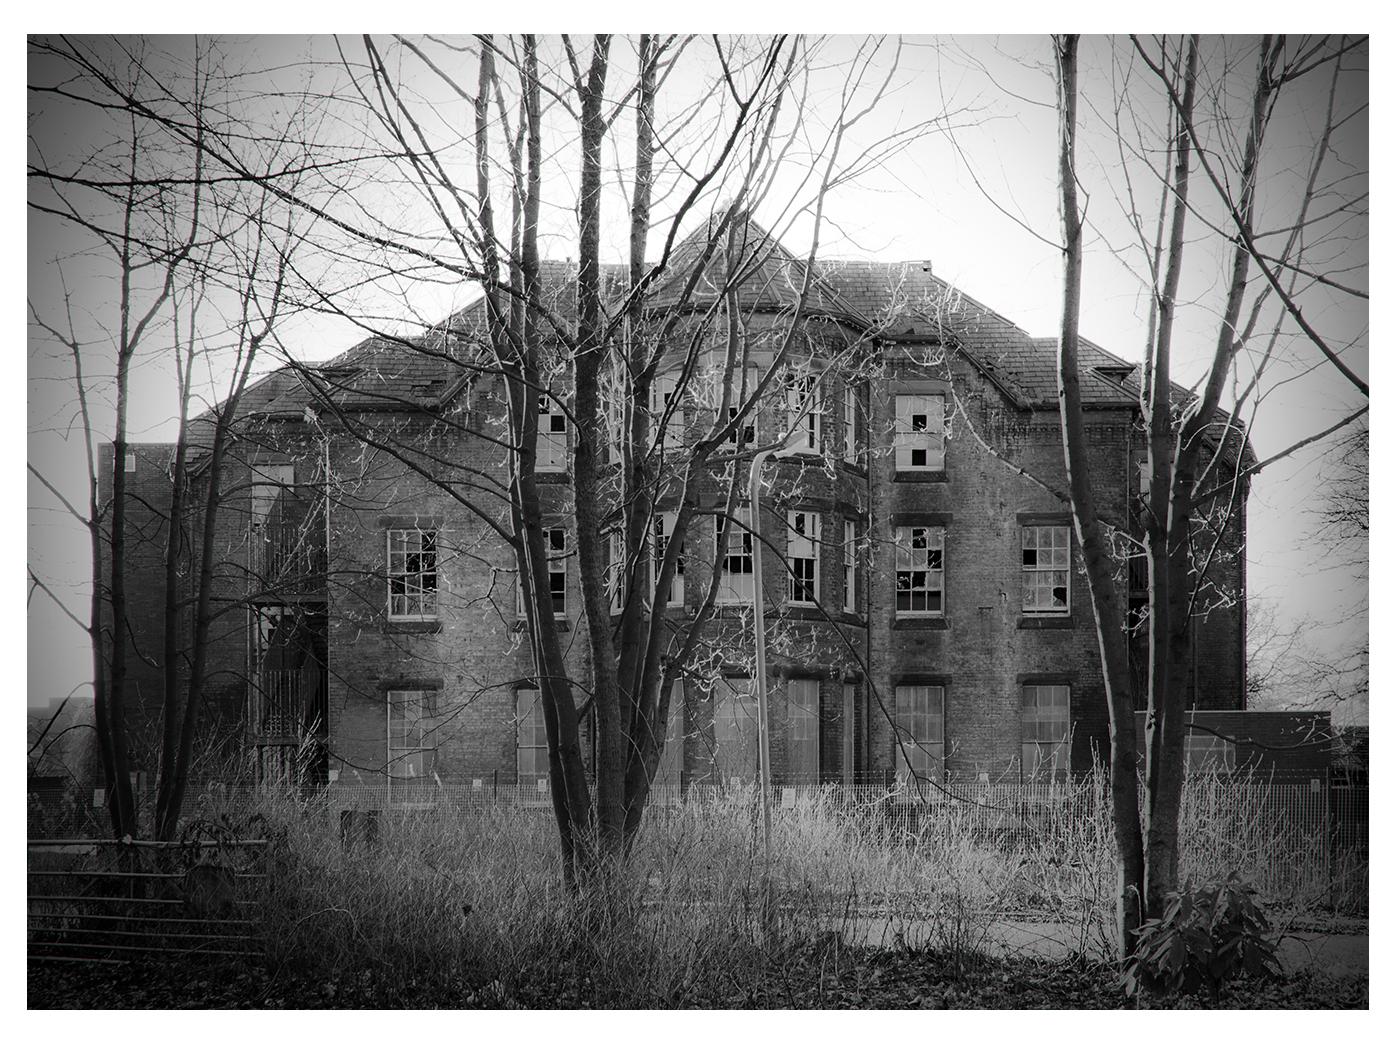 Whittingham Lunatic Asylum II